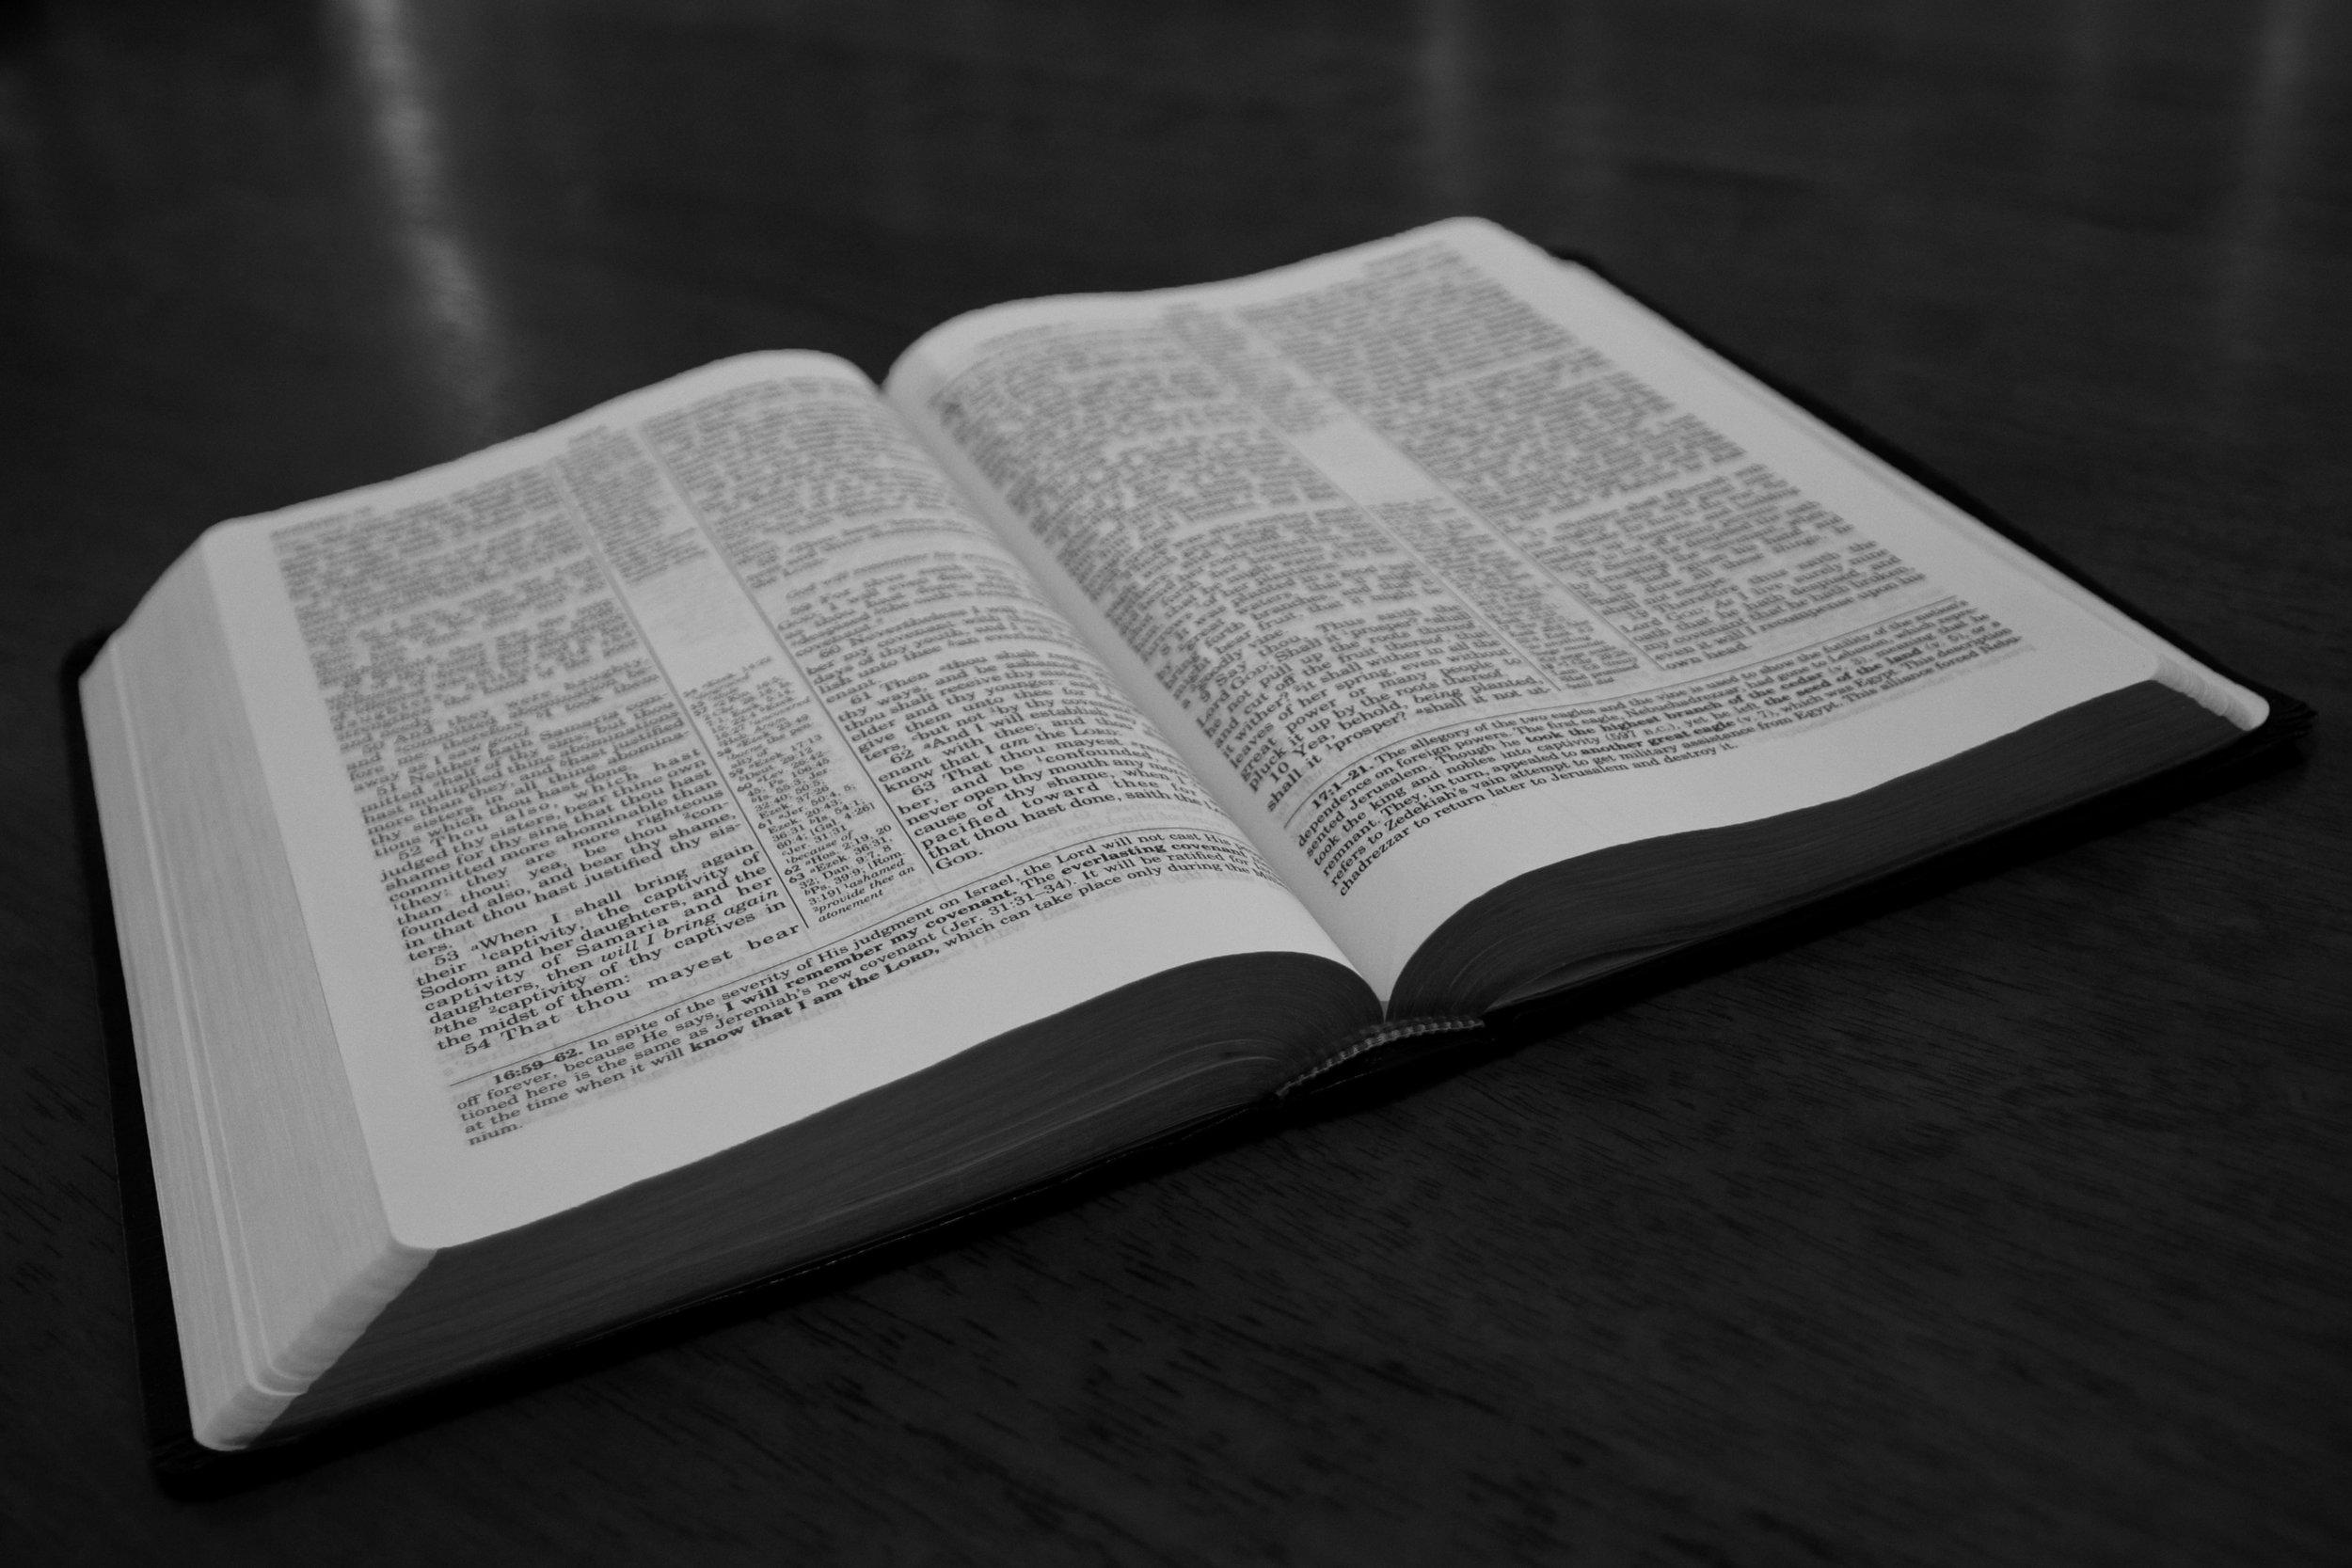 open bible 1 b&w.jpg